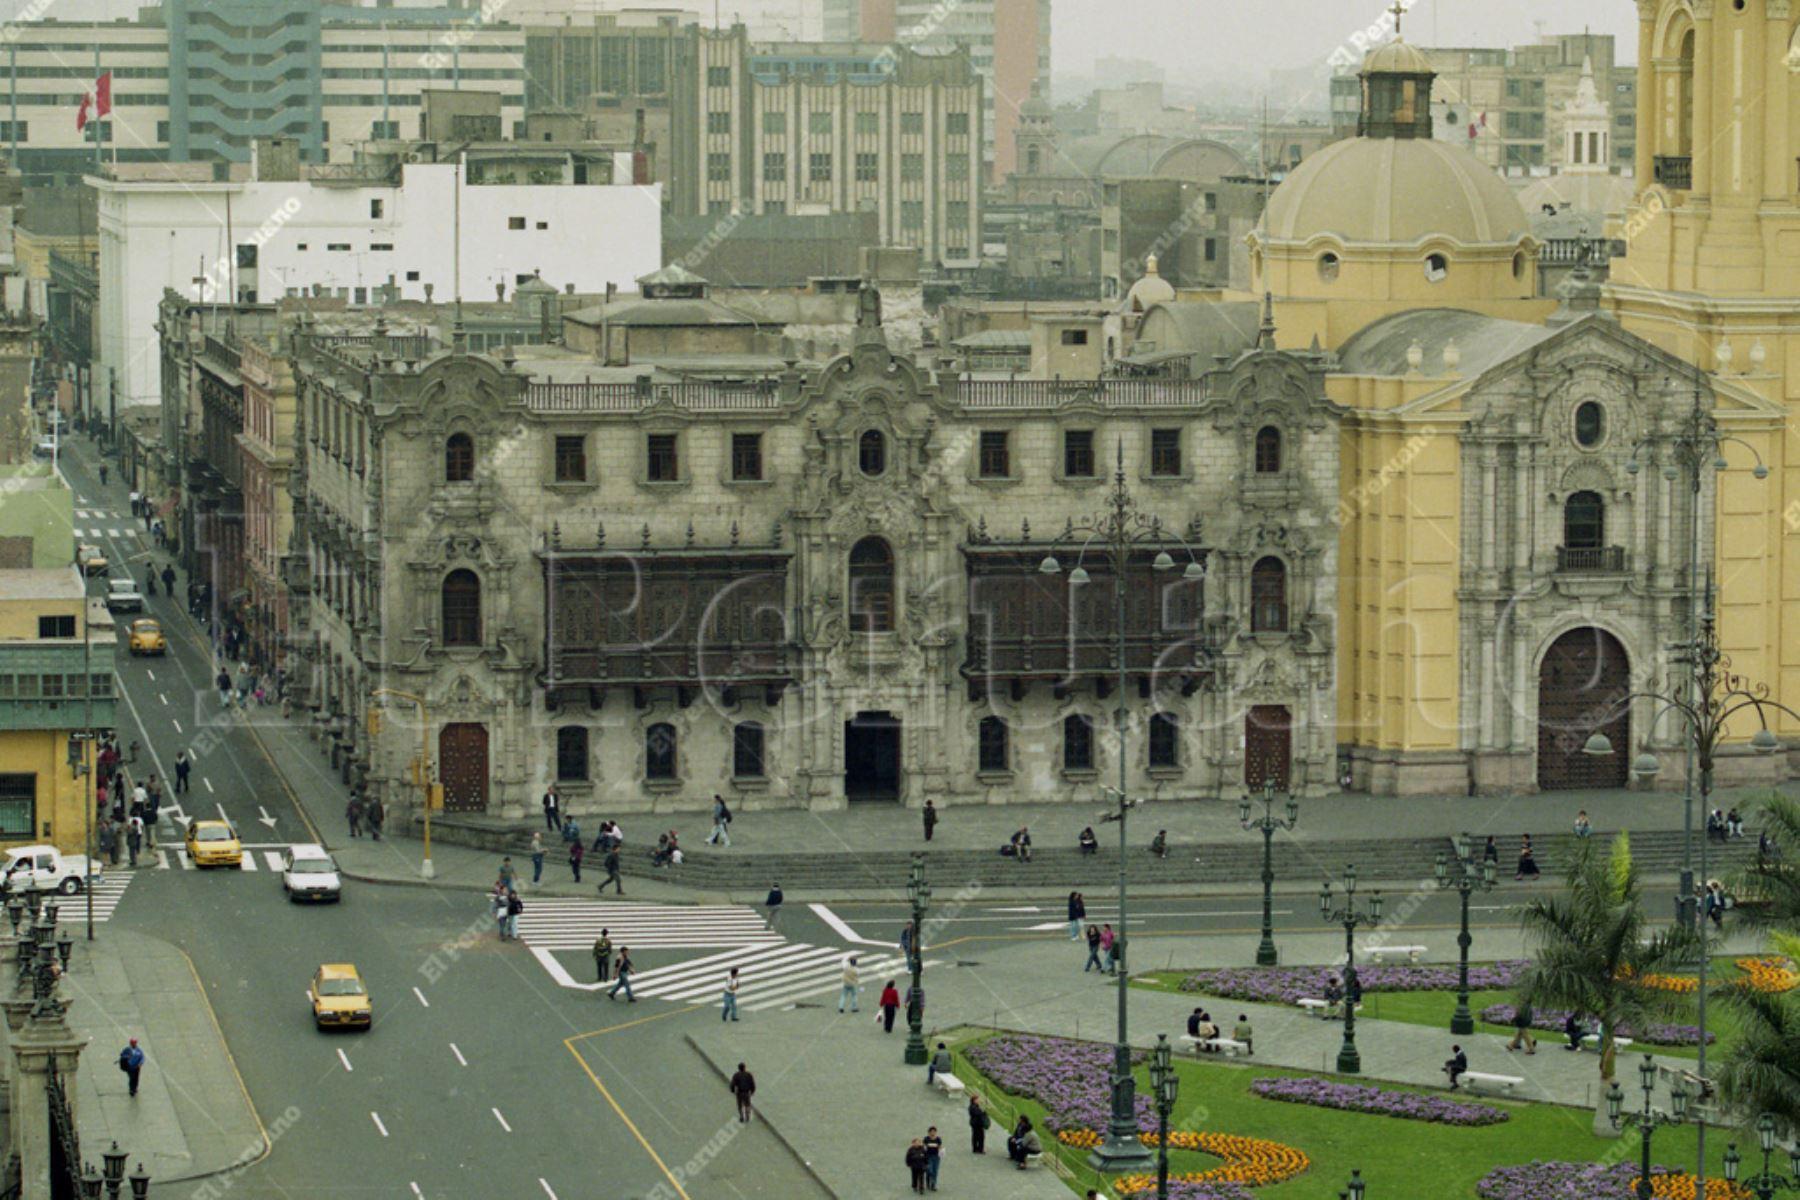 Lima - 27 octubre 1999 / Vista del Palacio Arzobispal en la Plaza de Armas. Recuperación del Centro Histórico de Lima. Foto: ANDINA/Archivo El Peruano